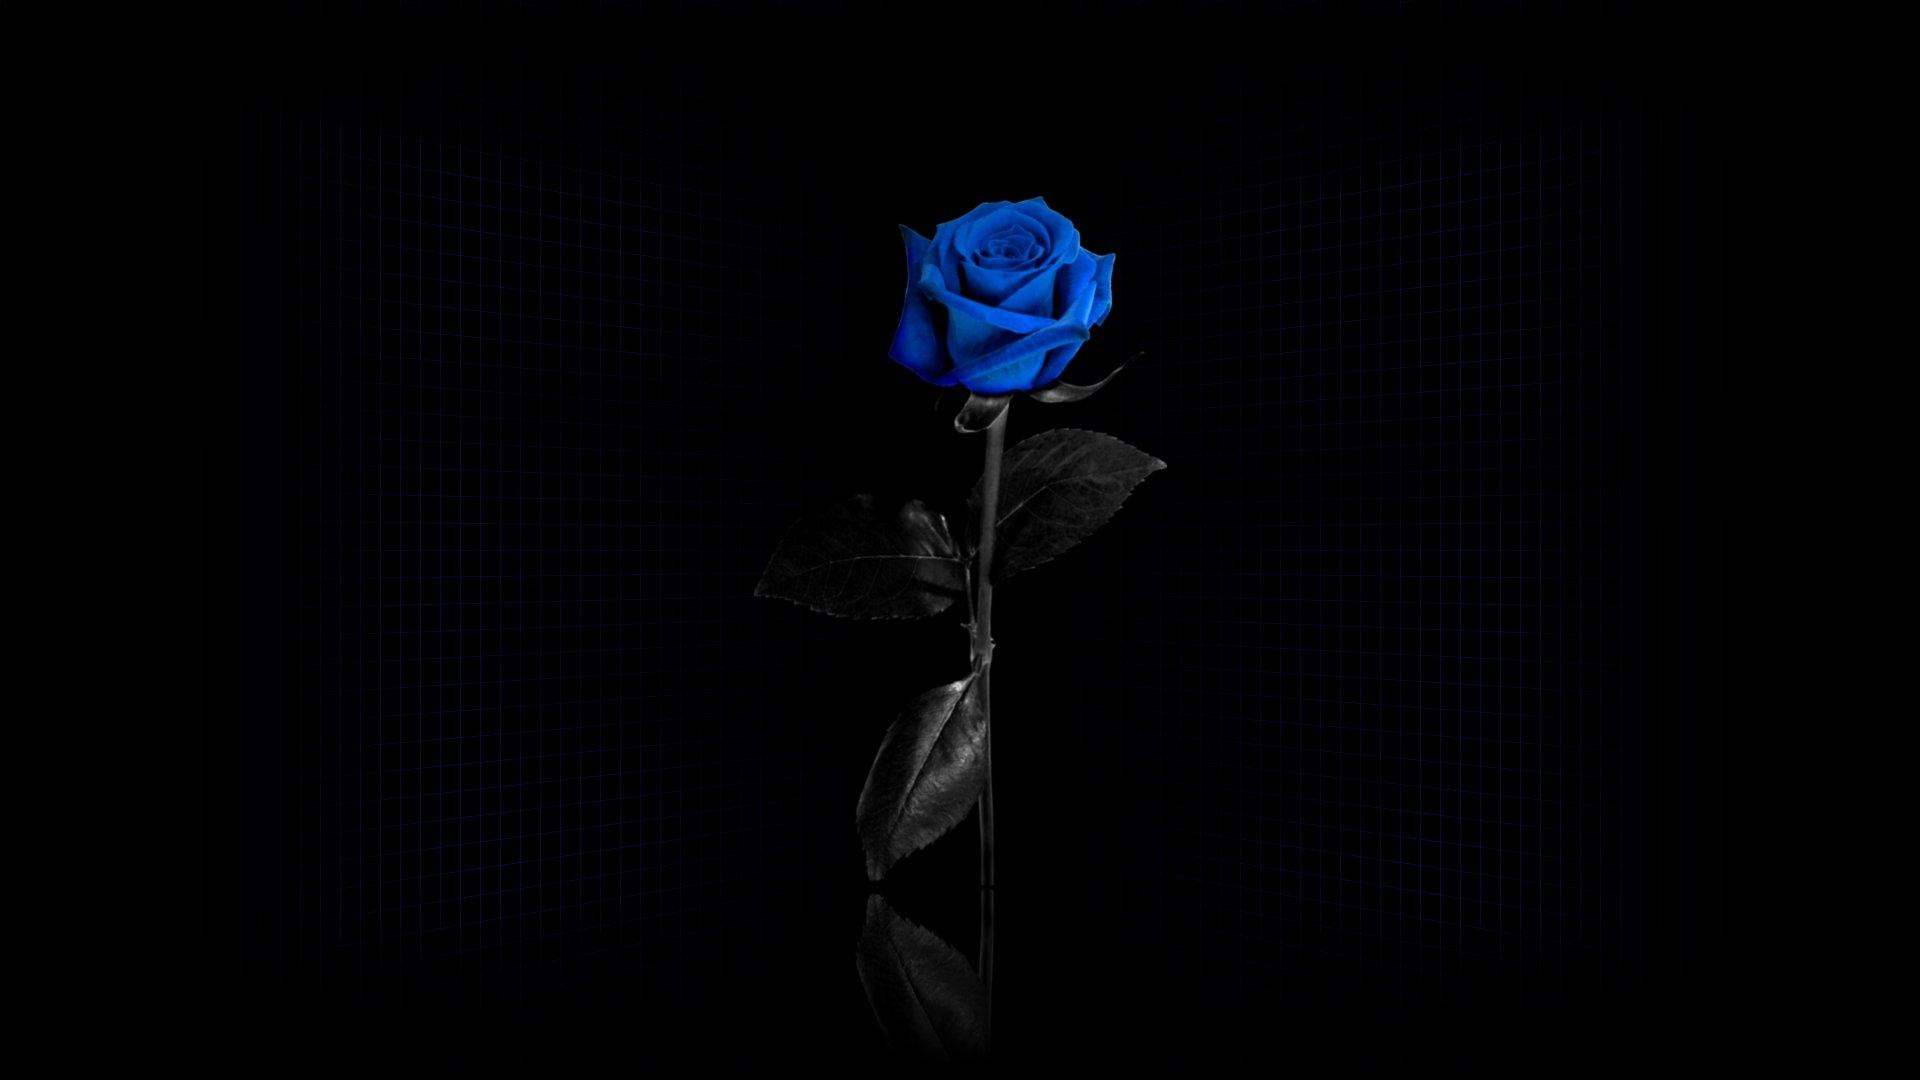 Картинки для рабочего стола розы на черном фоне